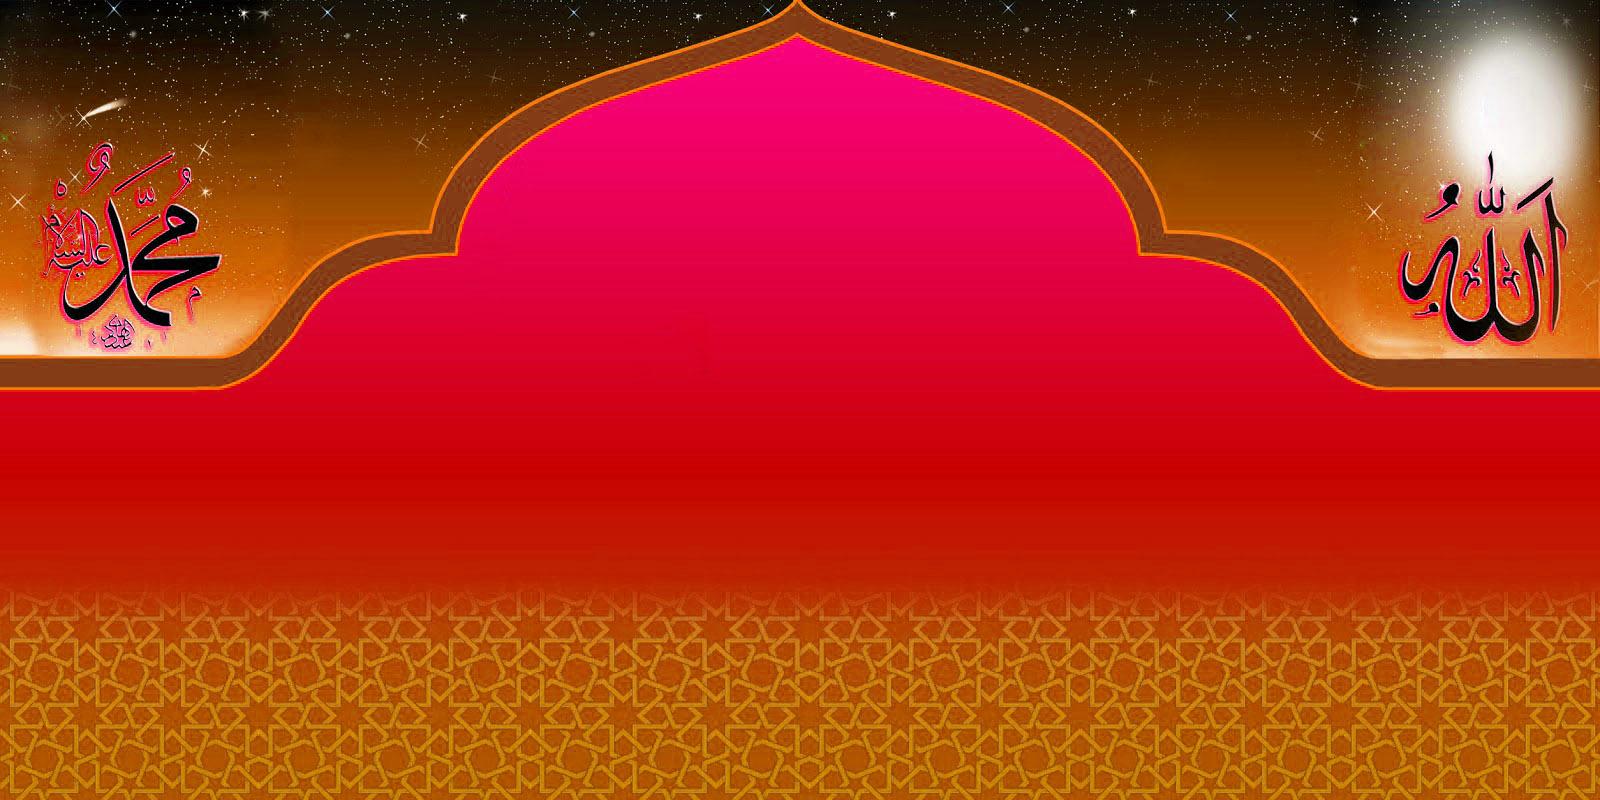 Gambar Kumpulan Desain Background Ucapan Ramadhan Mubarak